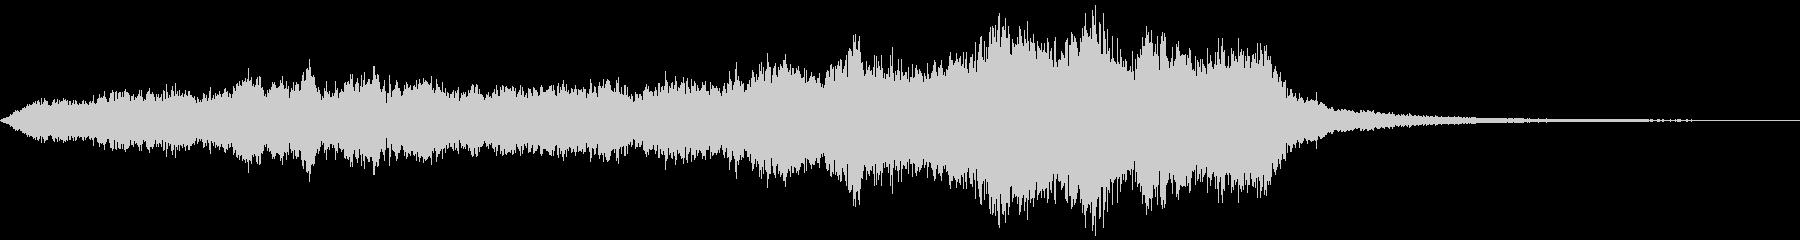 ダークで、退廃的なサウンド_02の未再生の波形